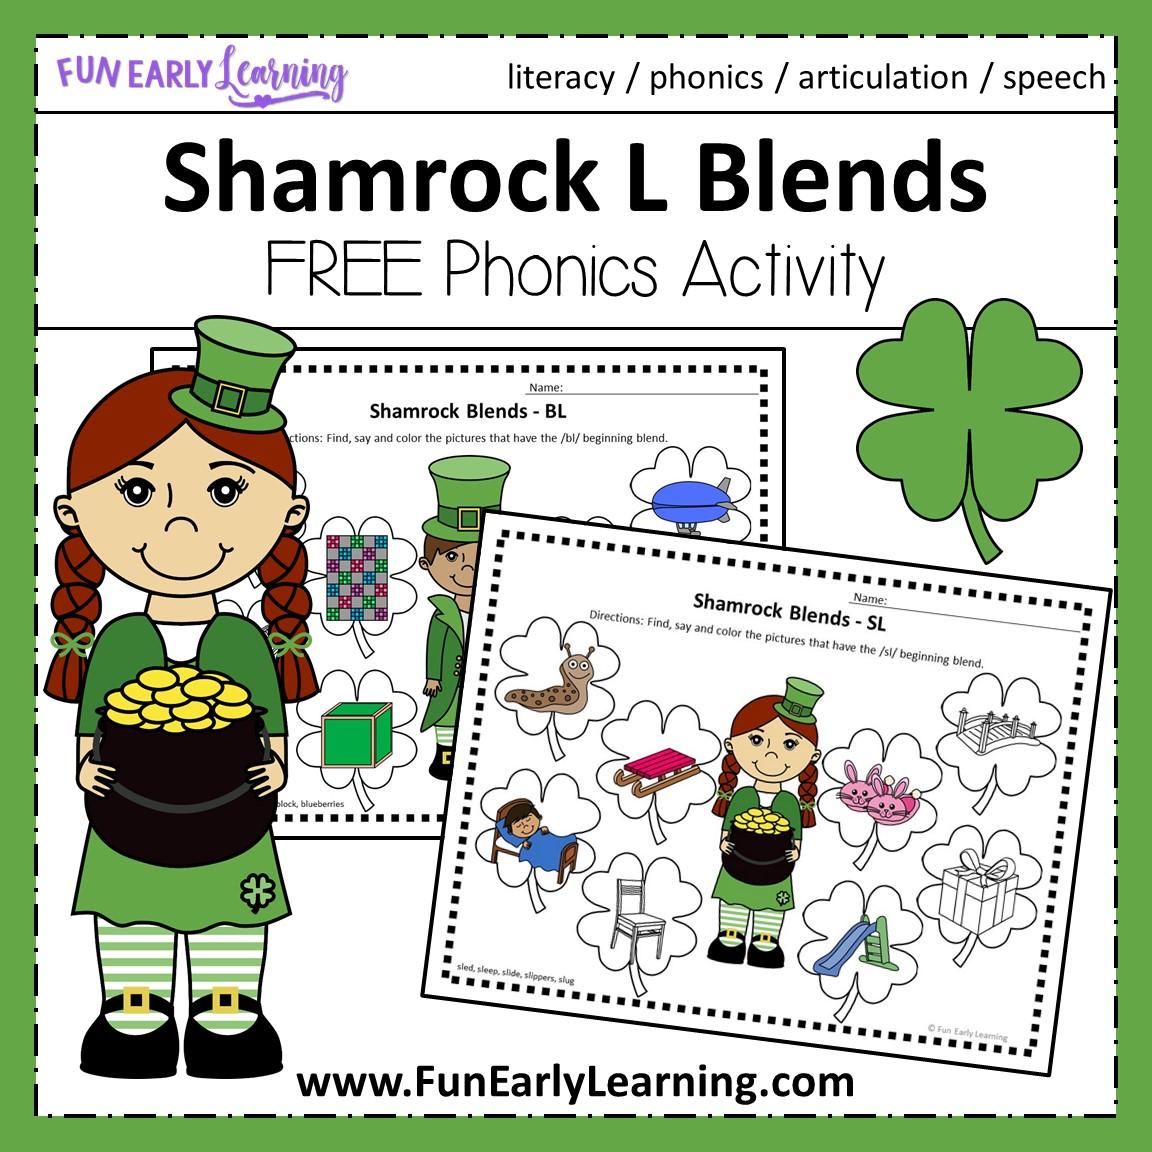 Shamrock L Blends Articulation Speech Activity For